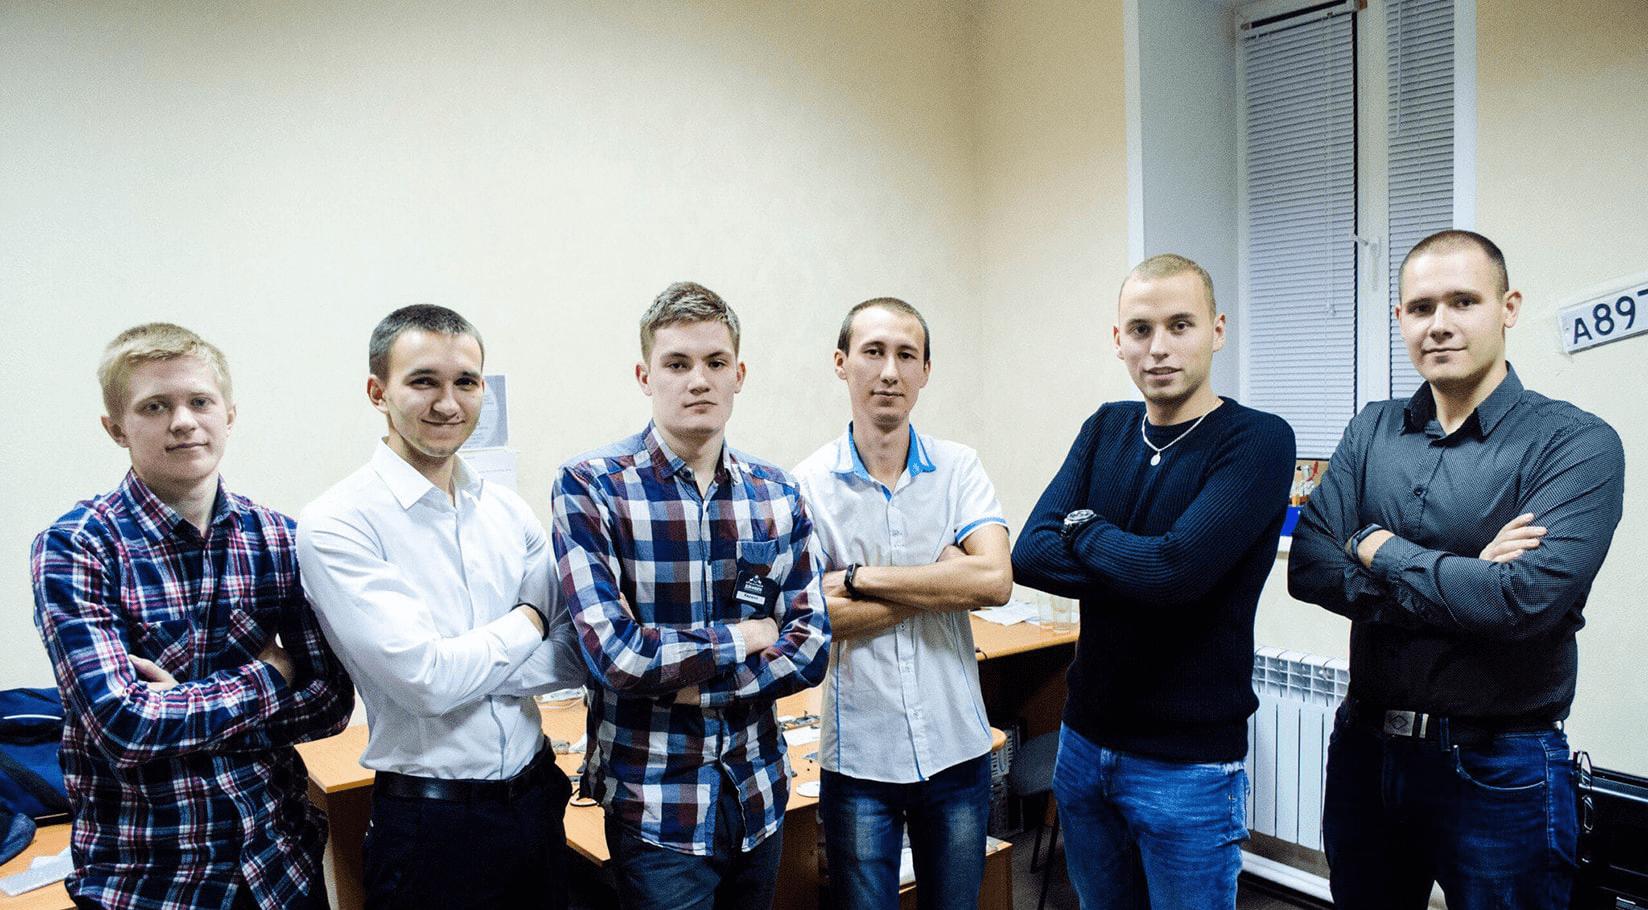 наша команда специалистов в сфере ремонта компьютерной техники